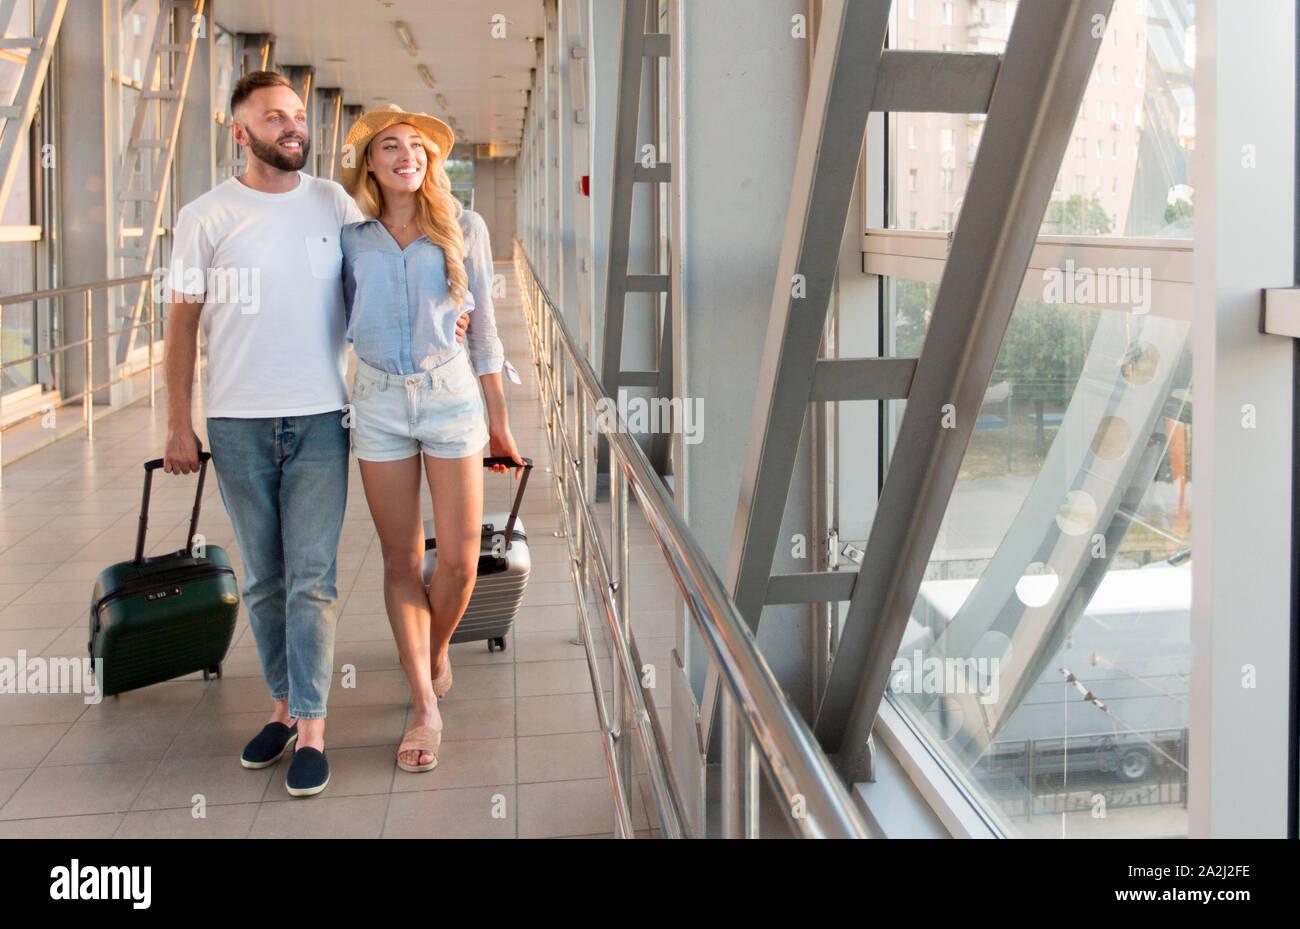 Les nouveaux mariés walking in airport terminal passerelle, copy space Banque D'Images